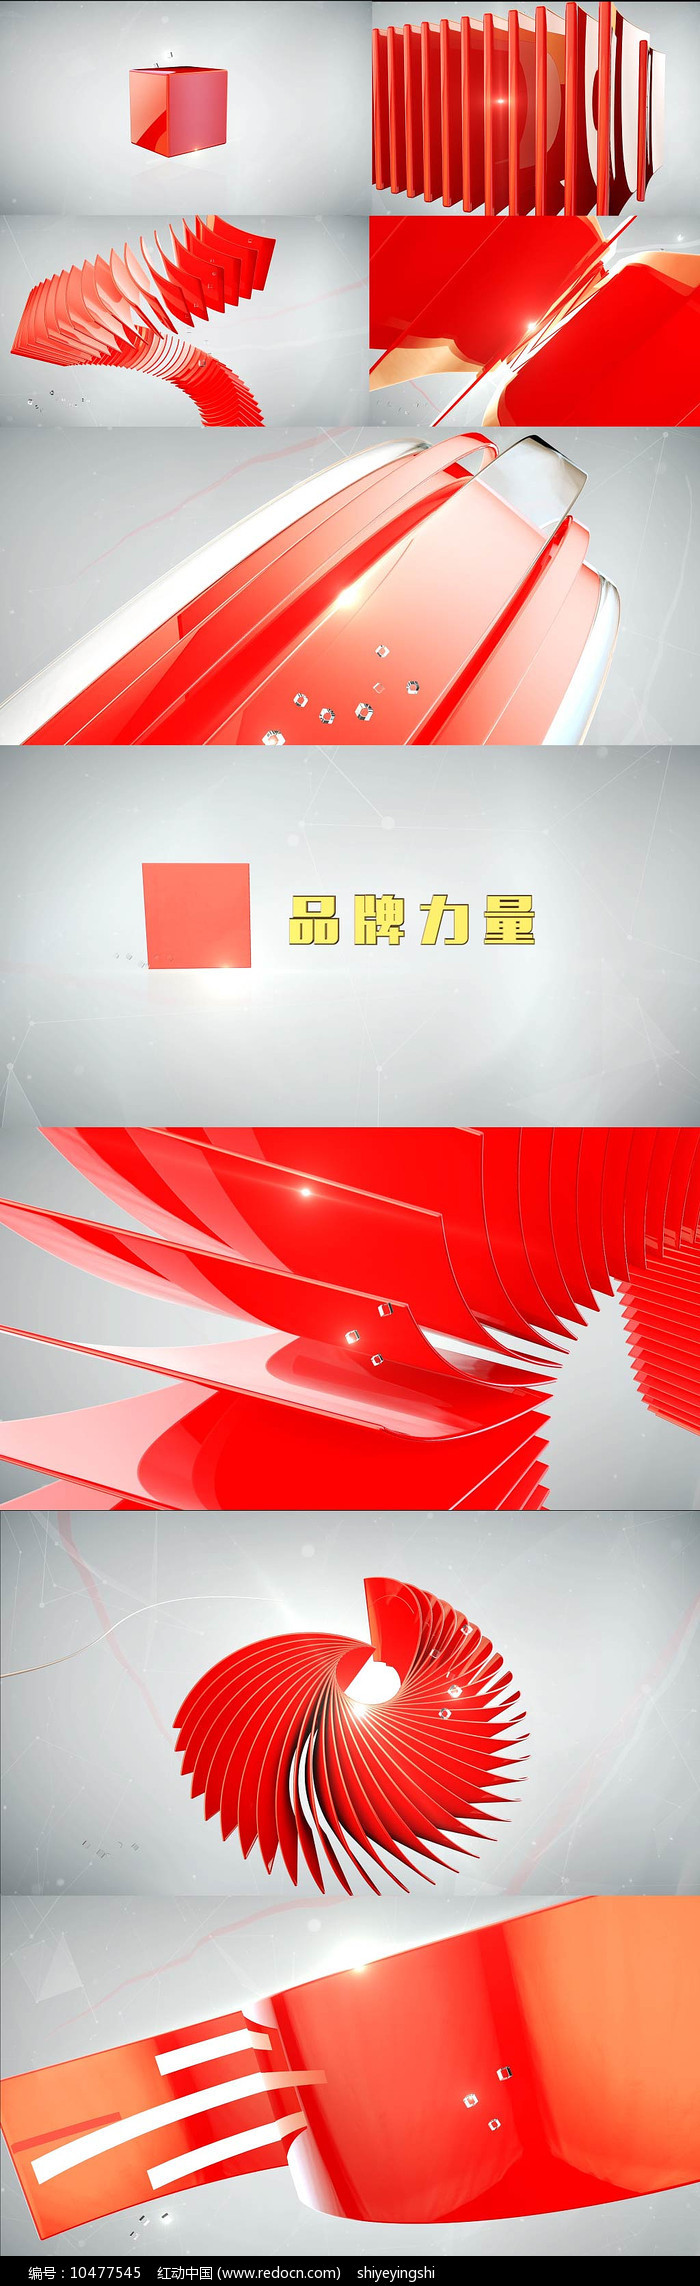 栏目包装动态视频模板图片